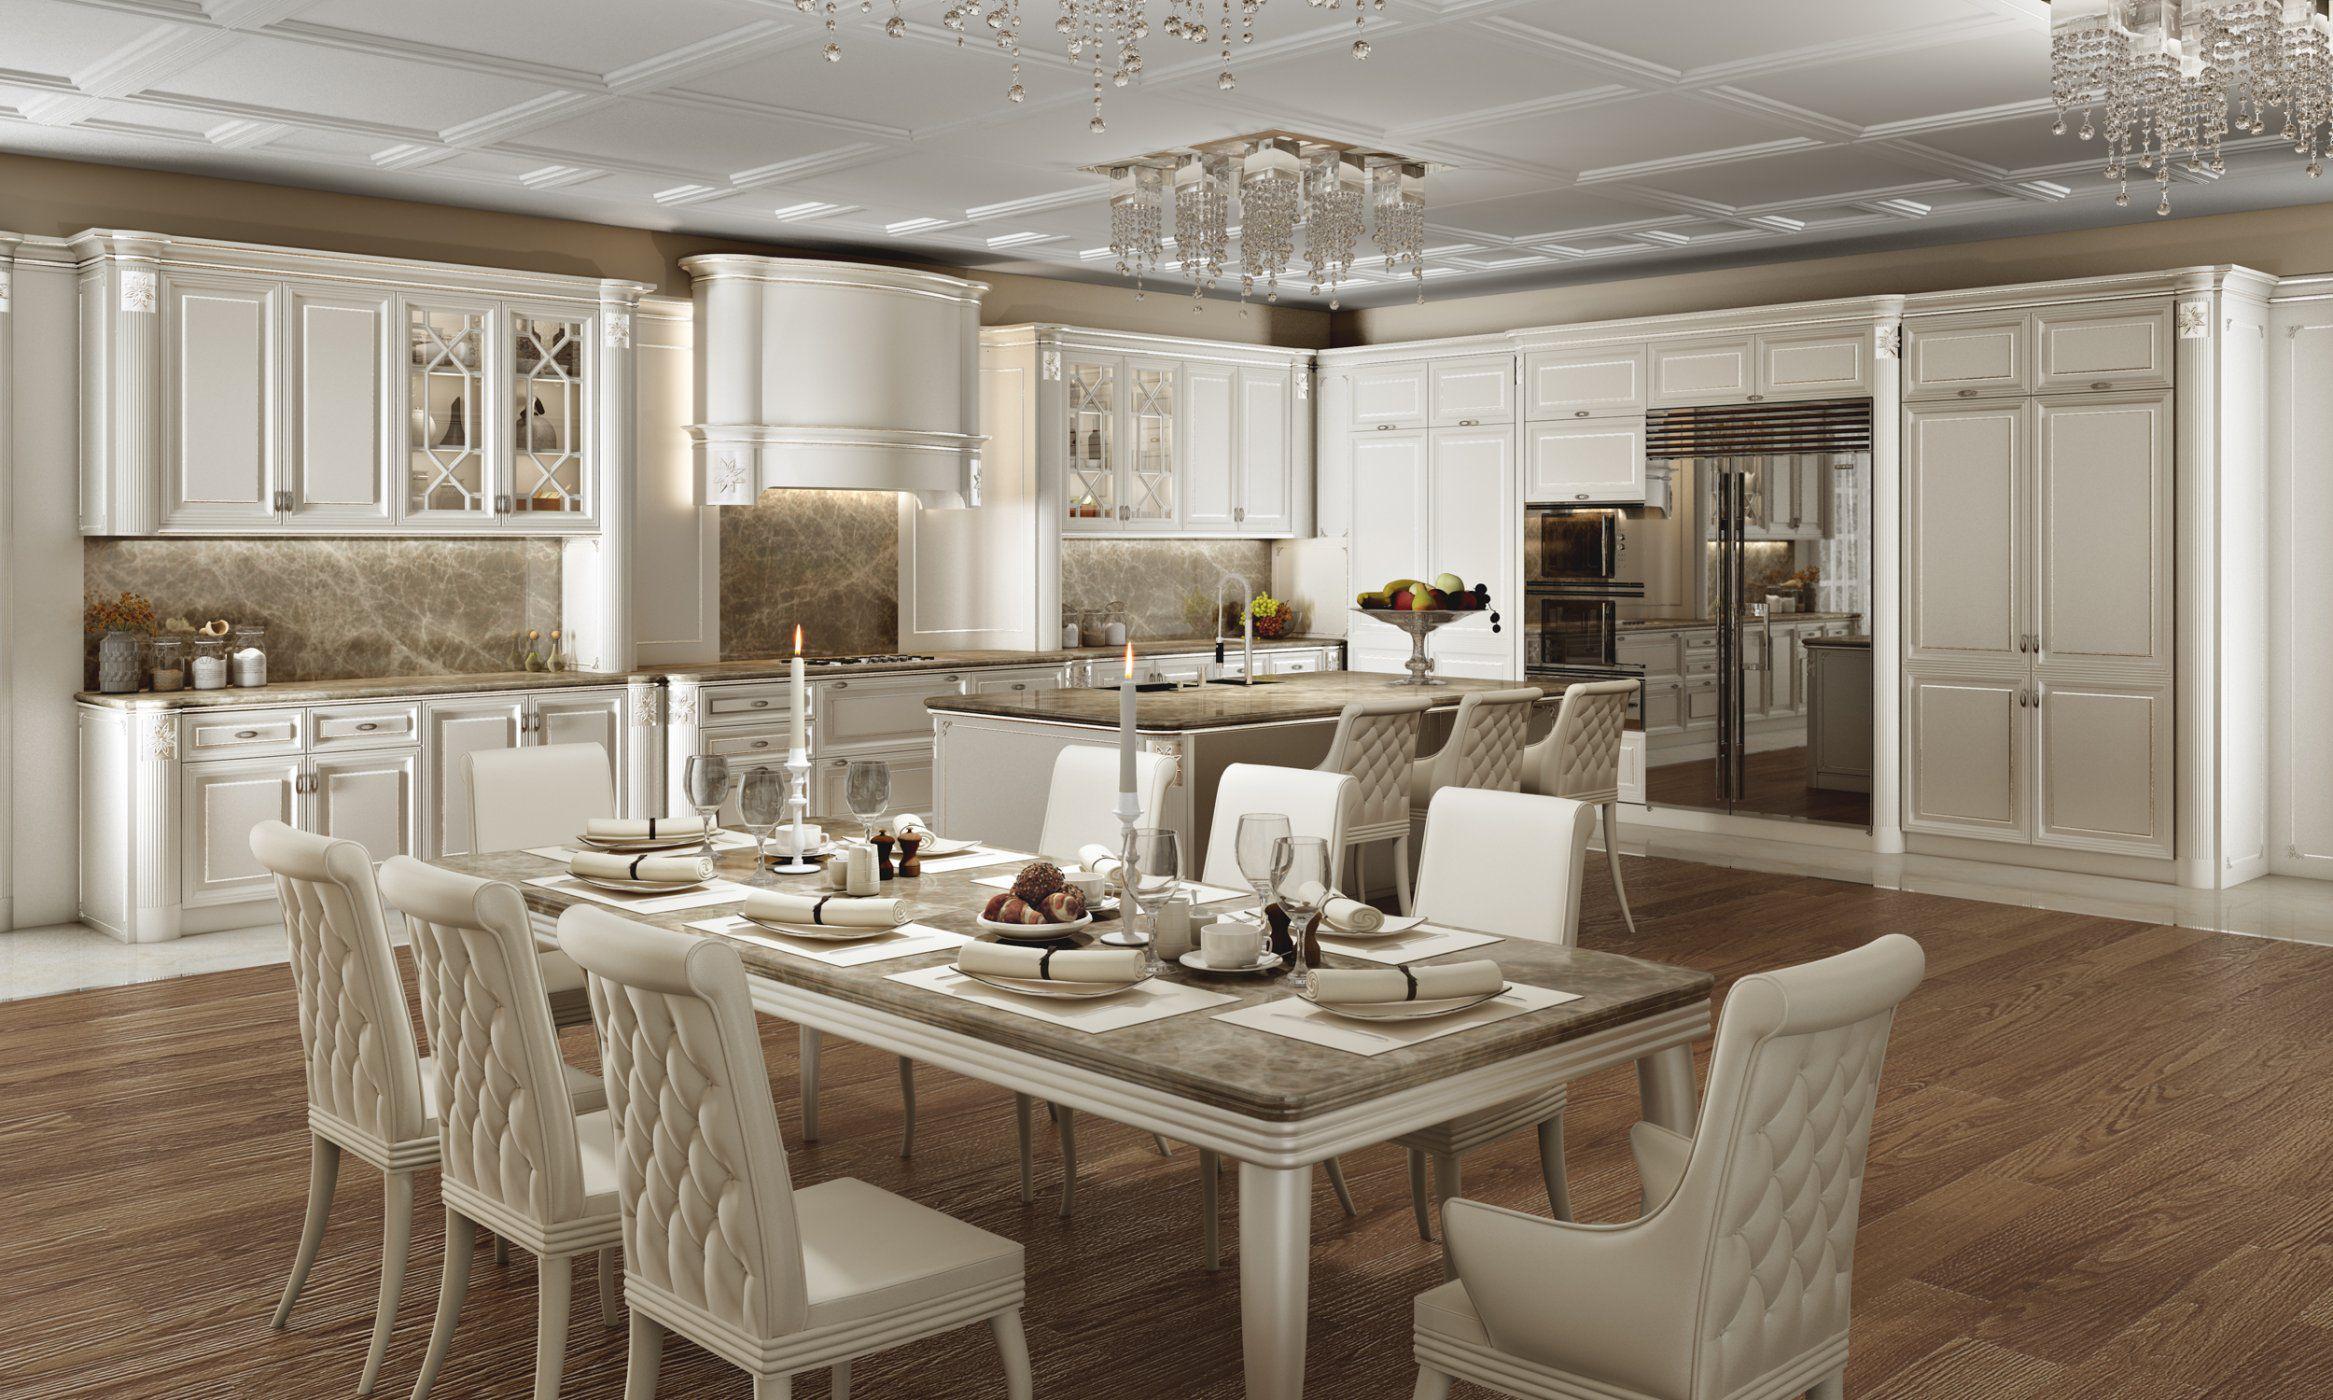 Ausgezeichnet Stil Küchenschränke Zeitgenössisch - Küche Set Ideen ...